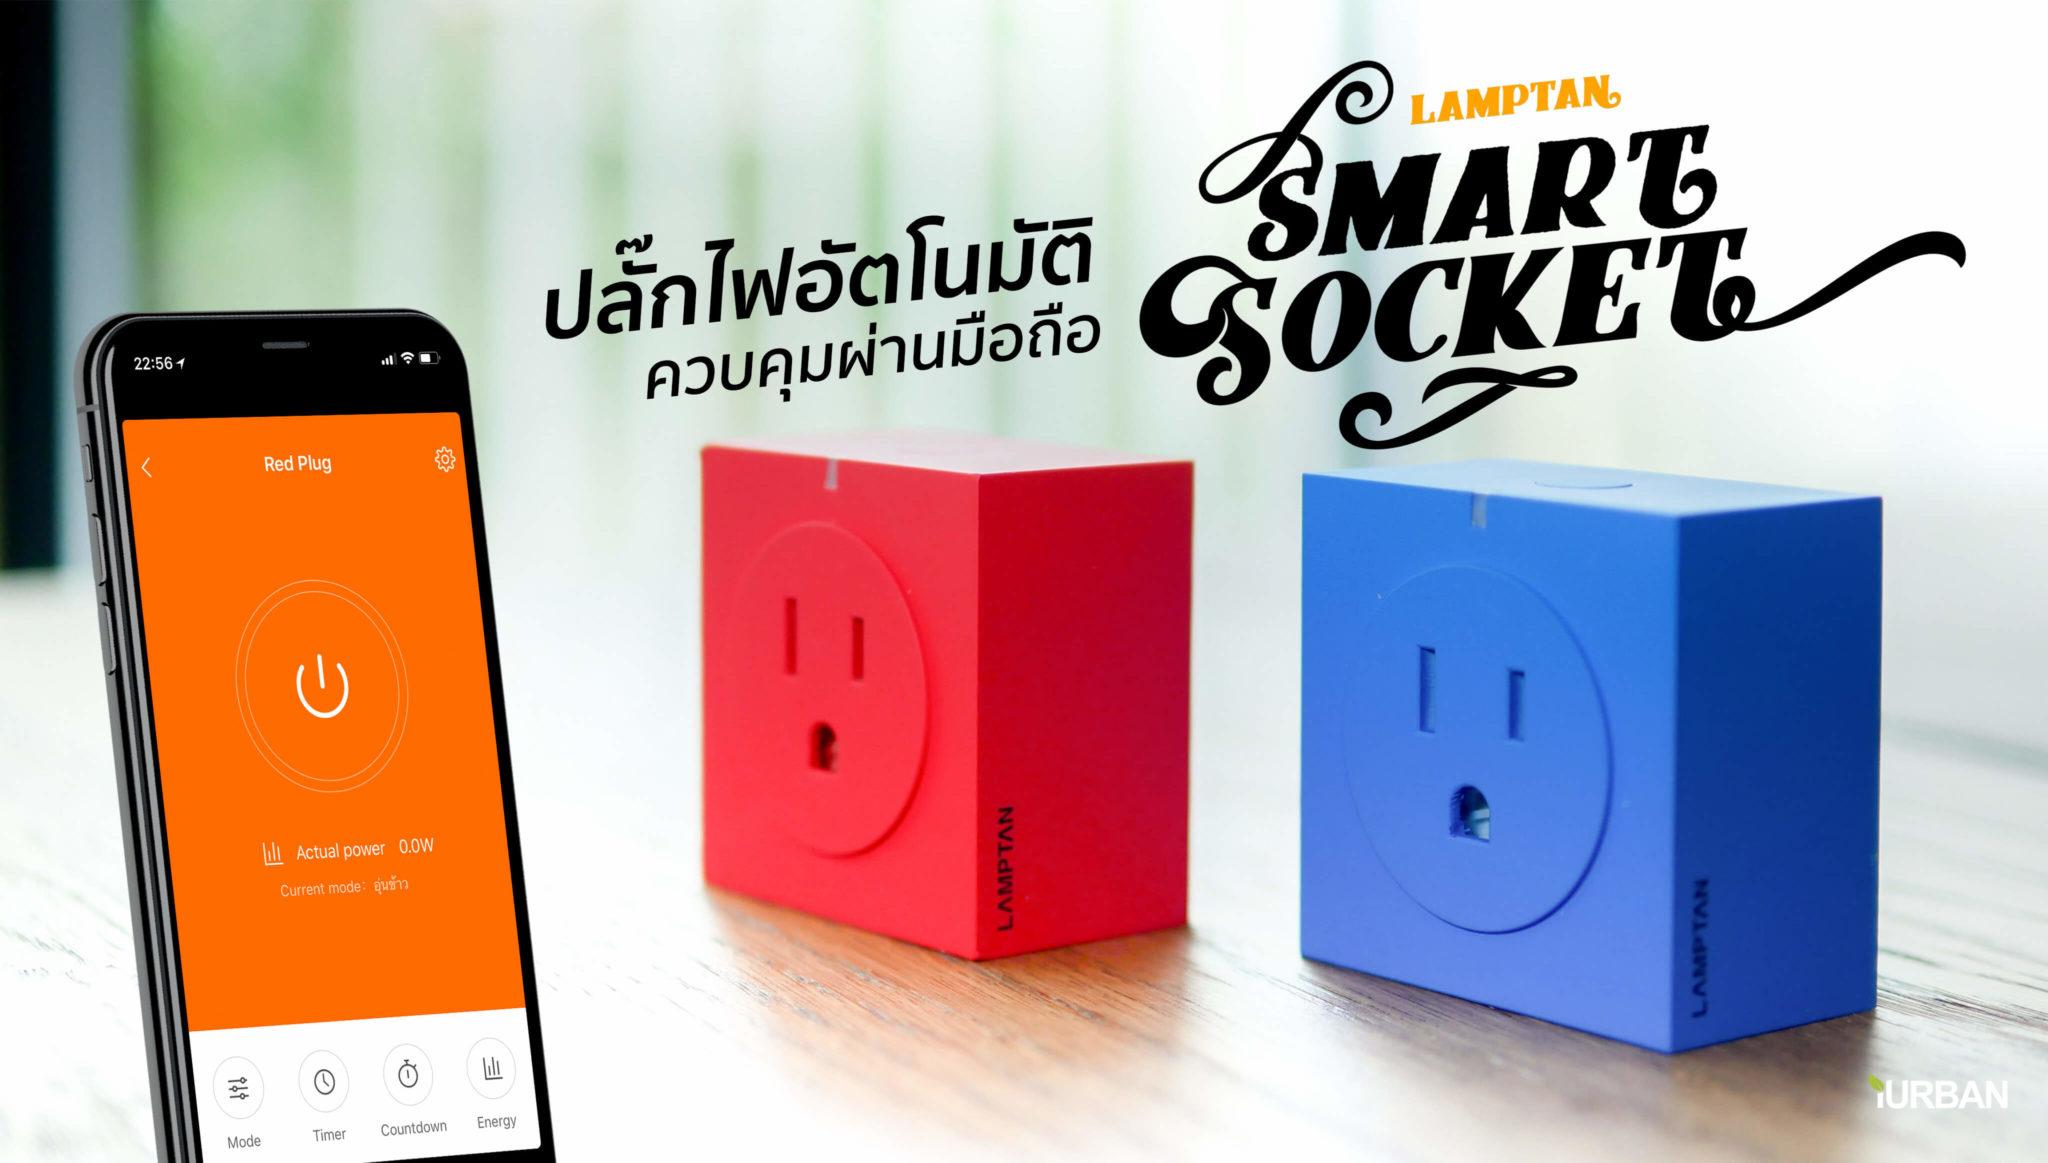 รีวิว Lamptan Smart Socket ปลั๊ก WIFI ที่เปลี่ยนอุปกรณ์เดิม ให้เปิดผ่านแอพมือถือและทำงานอัตโนมัติ 13 - Lamptan